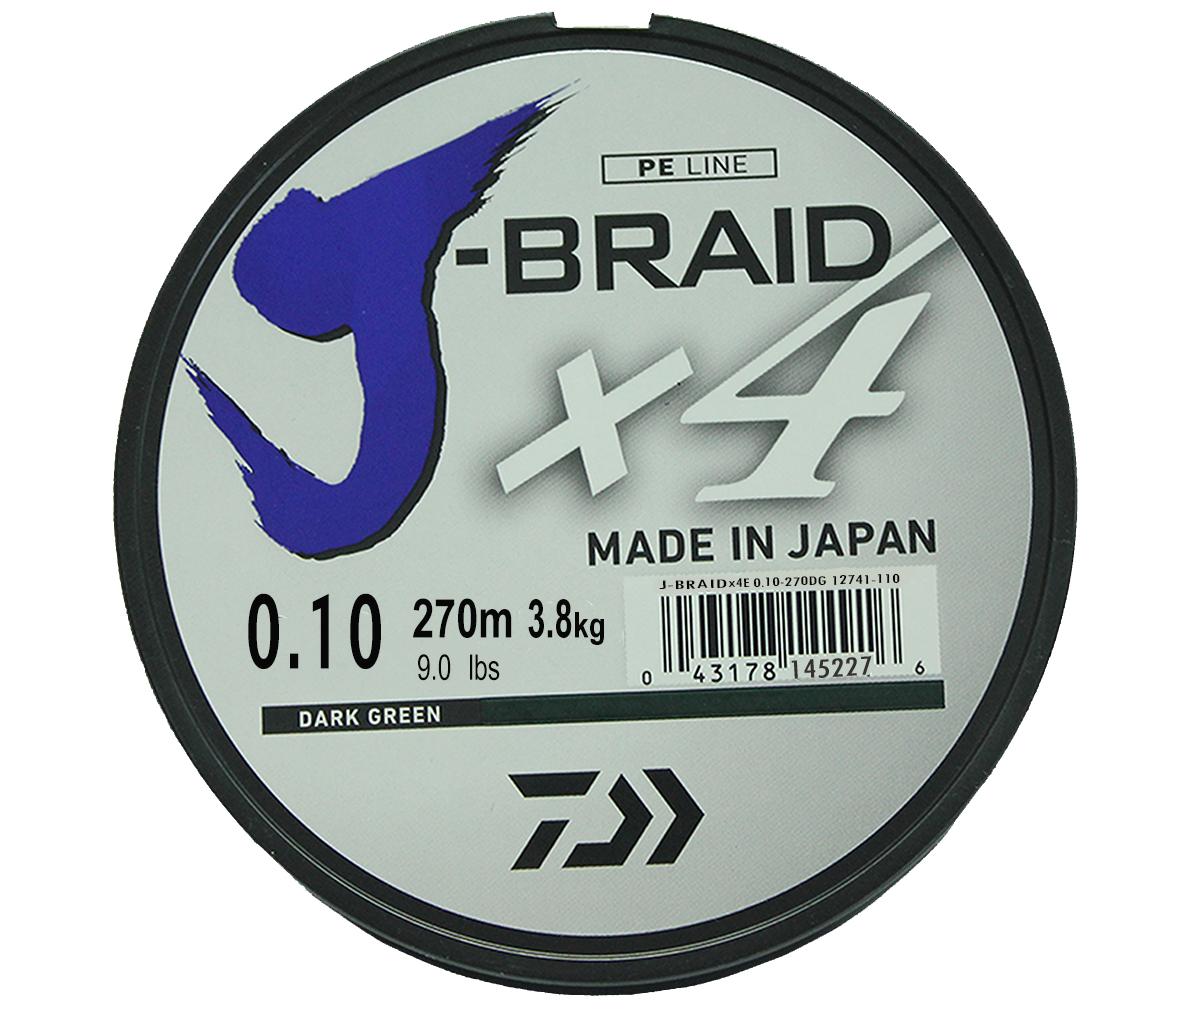 Леска плетеная DAIWA J-Braid X4 0,10мм 270 (зеленая)Леска плетеная<br>Новый 4х жильный шнур J-Braid, DAIWA - шнур высокого <br>класса с удивительным соотношением цены <br>и качества. Качество плетения полностью <br>соответствует японским стандартам и удовлетворяет <br>всем требованиям. Представленные диаметры <br>позволяют использовать шнур для всех техник <br>ловли, начиная от ultra- light ловли окуня, до <br>морской ловли палтуса, трески и т.д.<br>